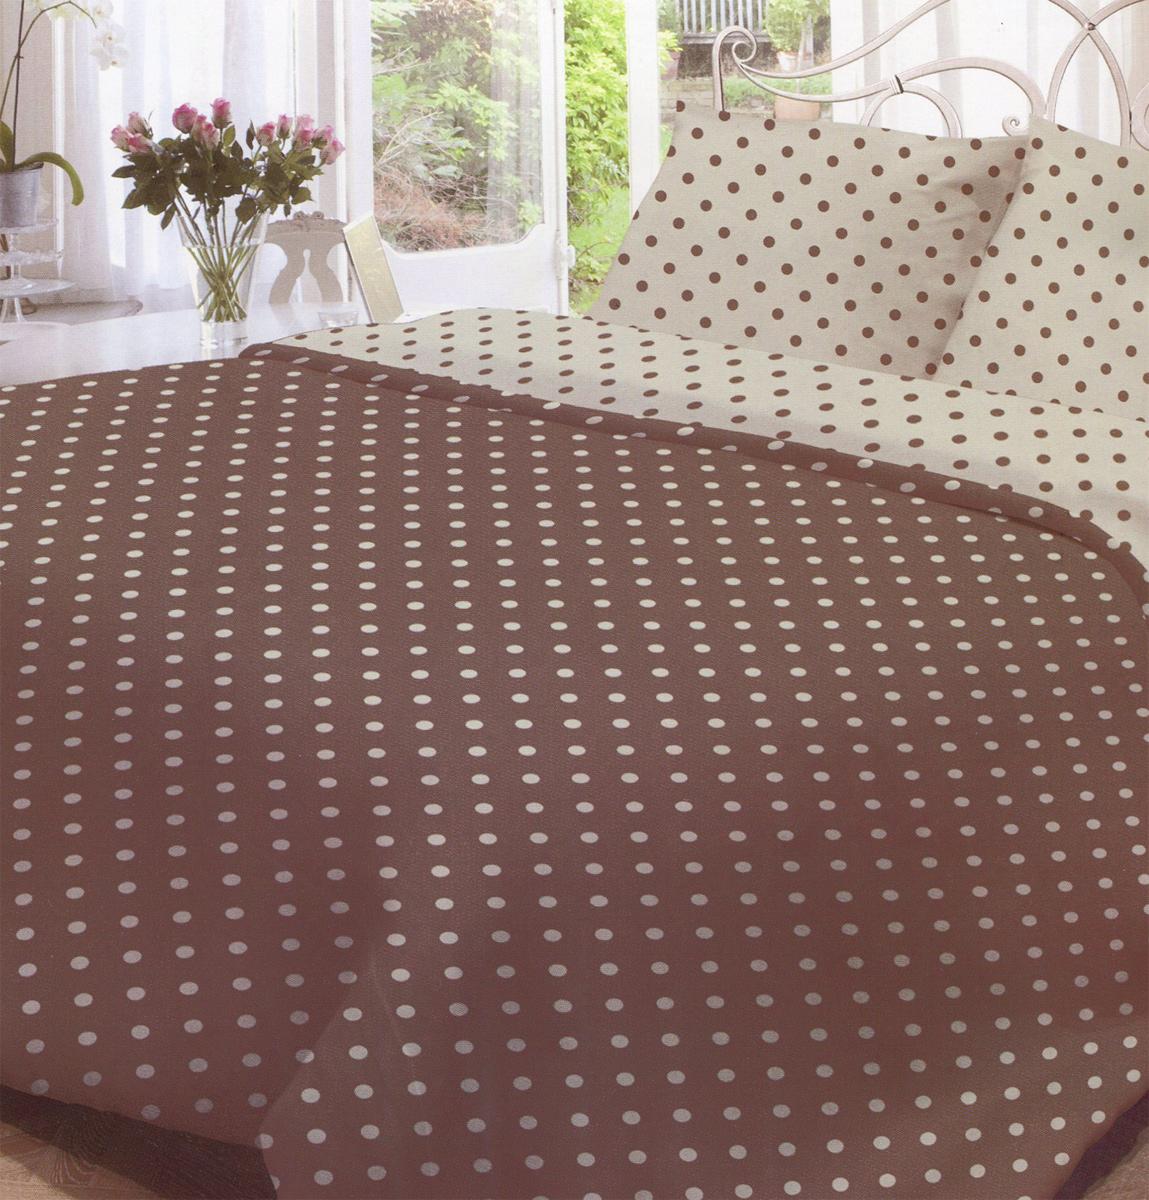 Комплект белья Нежность Мадлена, 1,5-спальный, наволочки 50x70, цвет: серый, коричневыйCLP446Комплект белья Нежность Мадлена, изготовленный из бязи (100% хлопка), состоит из пододеяльника, простыни и двух наволочек. Бязевое постельное белье имеет самое простое полотняное переплетение из достаточно толстых, но мягких нитей. Стоит постельное белье из этой ткани не намного дороже поликоттона или полиэфира, но приятней на ощупь и лучше пропускает воздух. Благодаря современным технологиям окраски, белье не теряет свой цвет даже после множества стирок. Рекомендации по уходу: - Стирка при температуре не более 60°С, - Не отбеливать, - Можно гладить, - Химчистка запрещена.